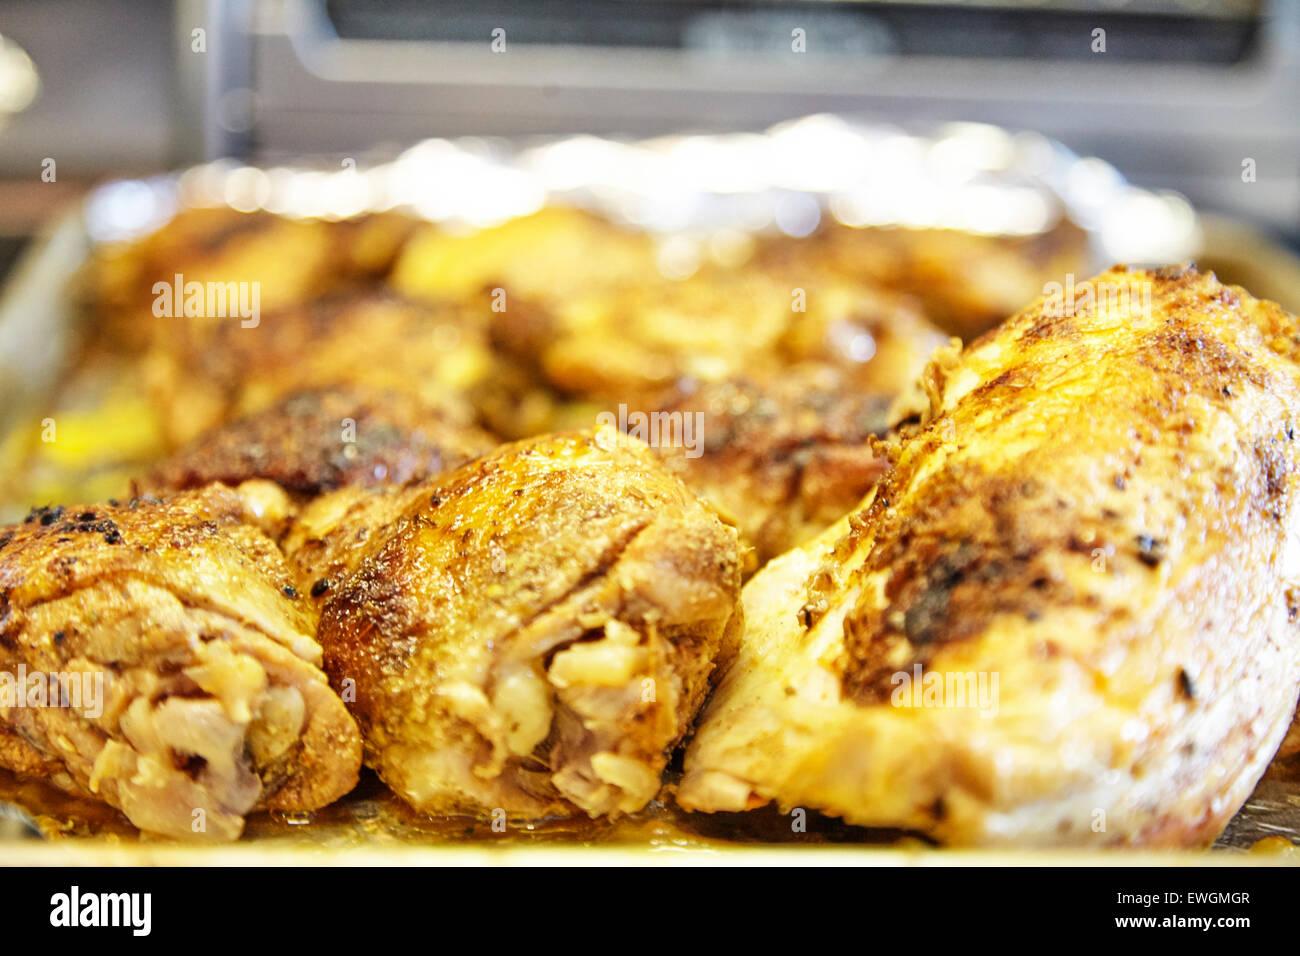 Pollo asado en una cookie hoja en un papel de grasa migas de pan en la parte superior Imagen De Stock